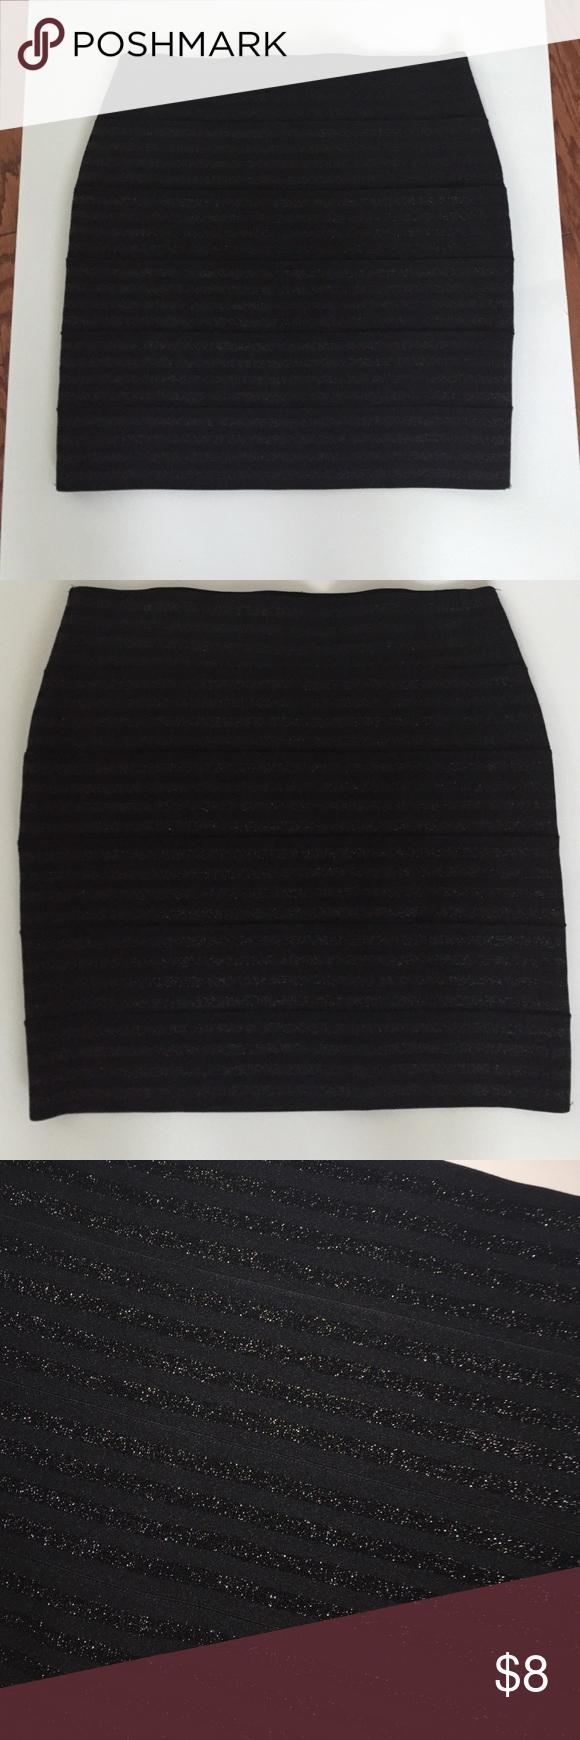 Forever 21 sparkly elastic skirt Forever 21 elastic sparkly mini skirt Forever 21 Skirts Mini